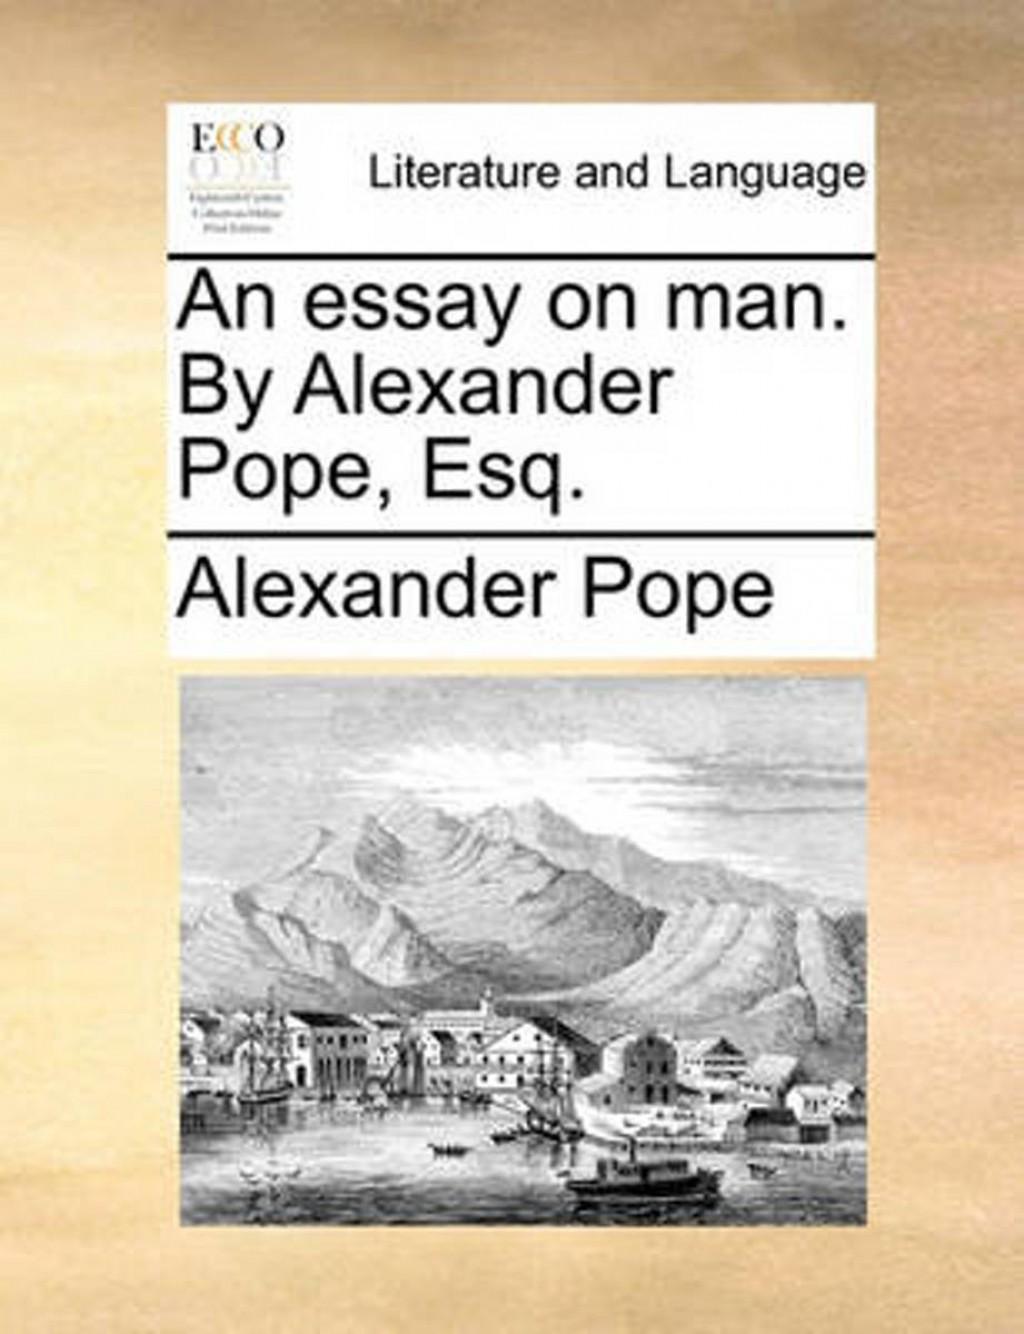 014 Alexander Pope Essay On Man Dreaded Summary Epistle 2 Pdf Large